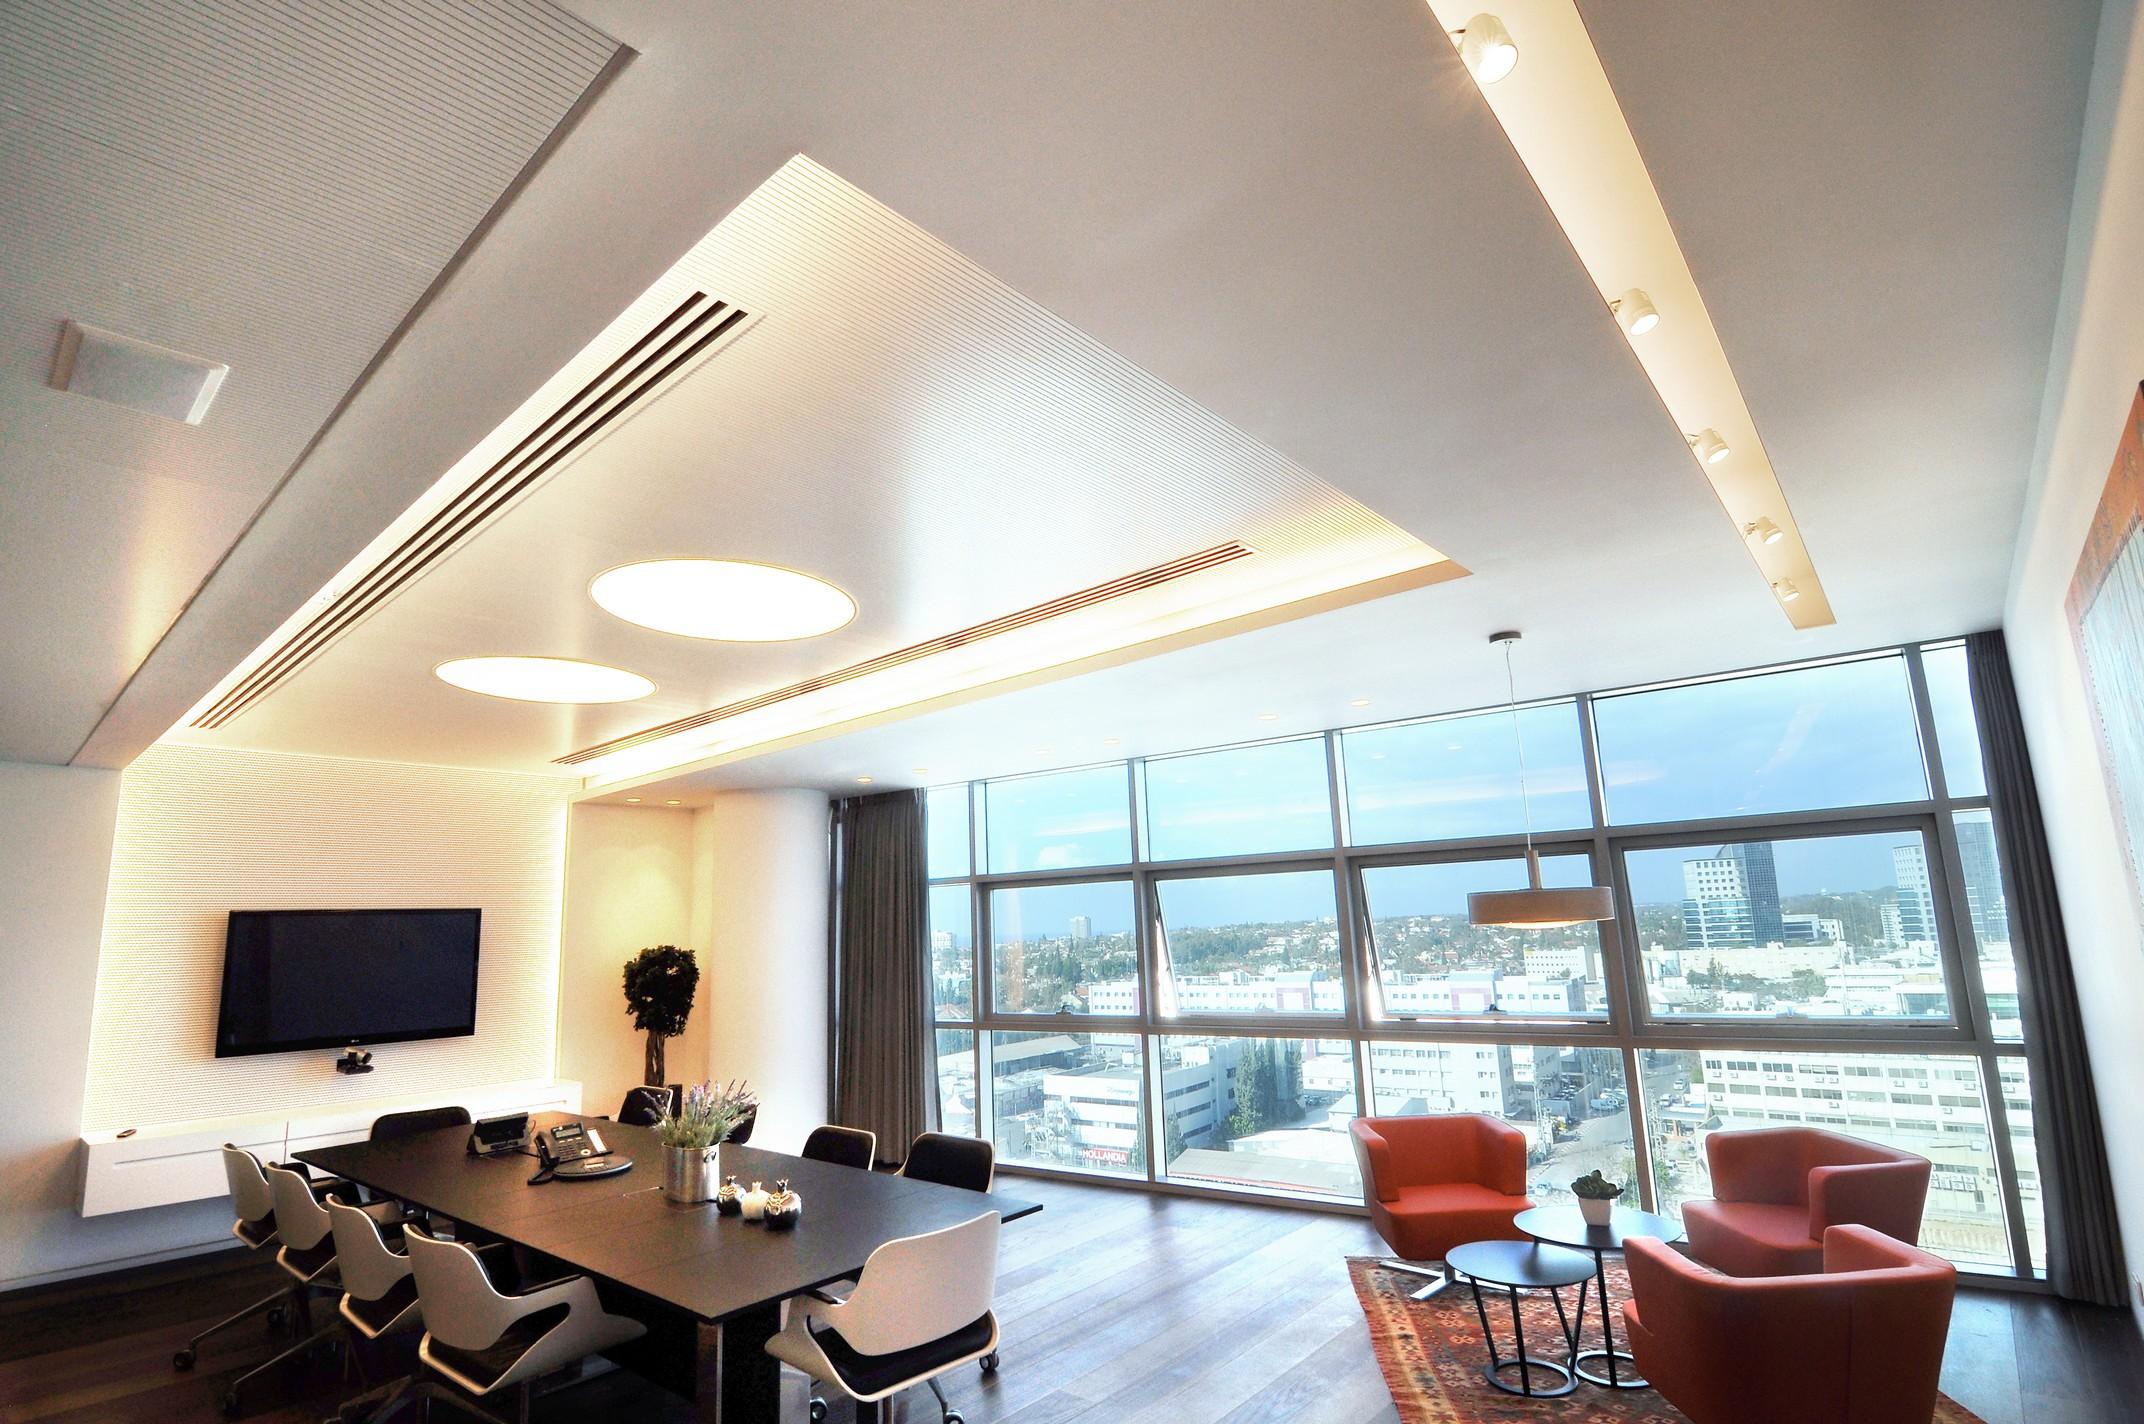 עיצוב משרדים יוקרתי ומסורתי בגלובל וילג